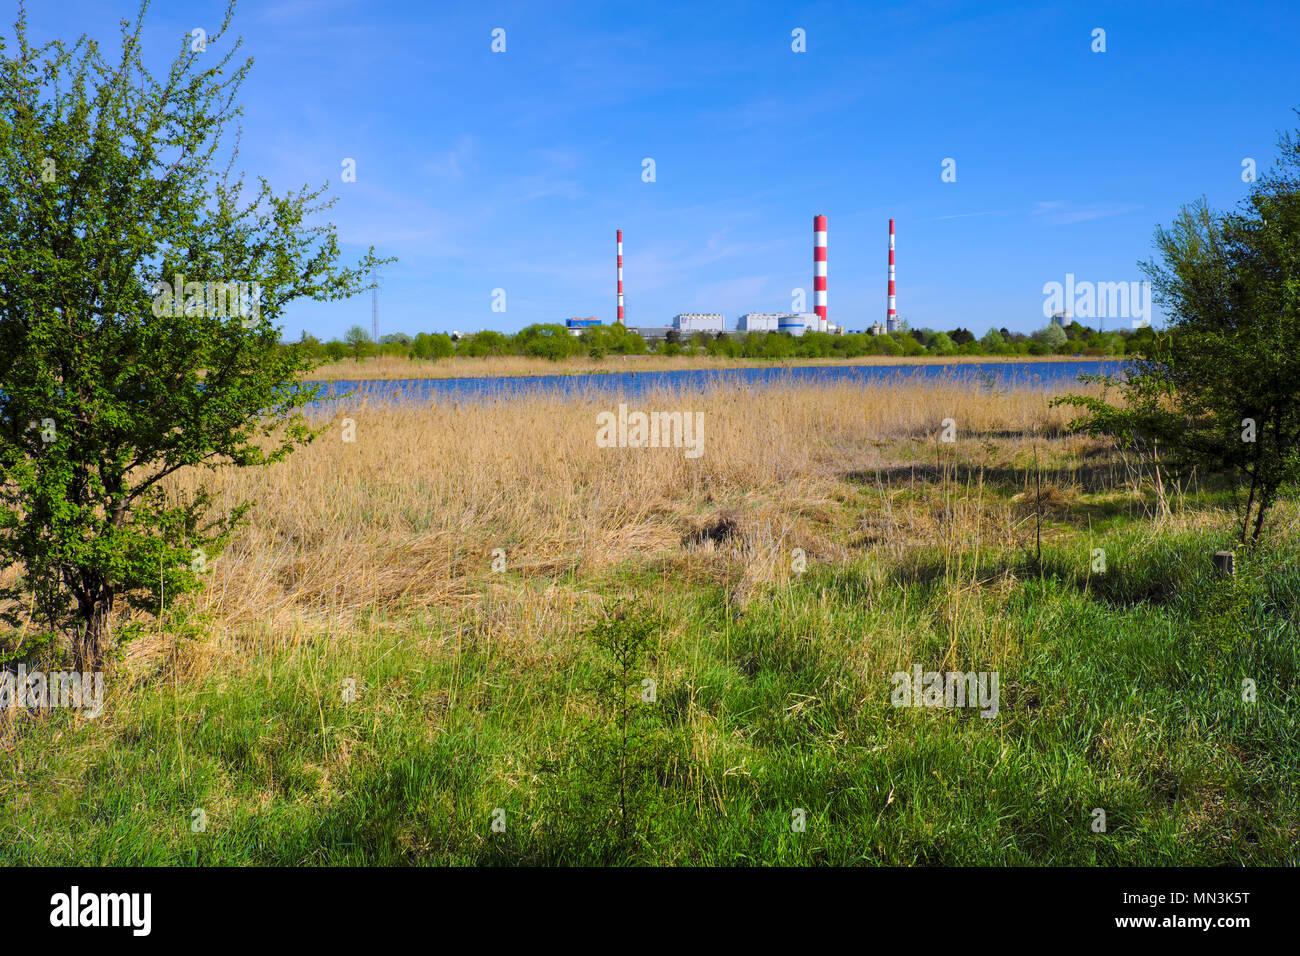 Warsaw, Mazovia / Poland - 2018/04/12: Siekierki Power and Heat Plant in Czerniakow quarter of Warsaw neighboring Czerniakowskie Lake nature reserve Stock Photo